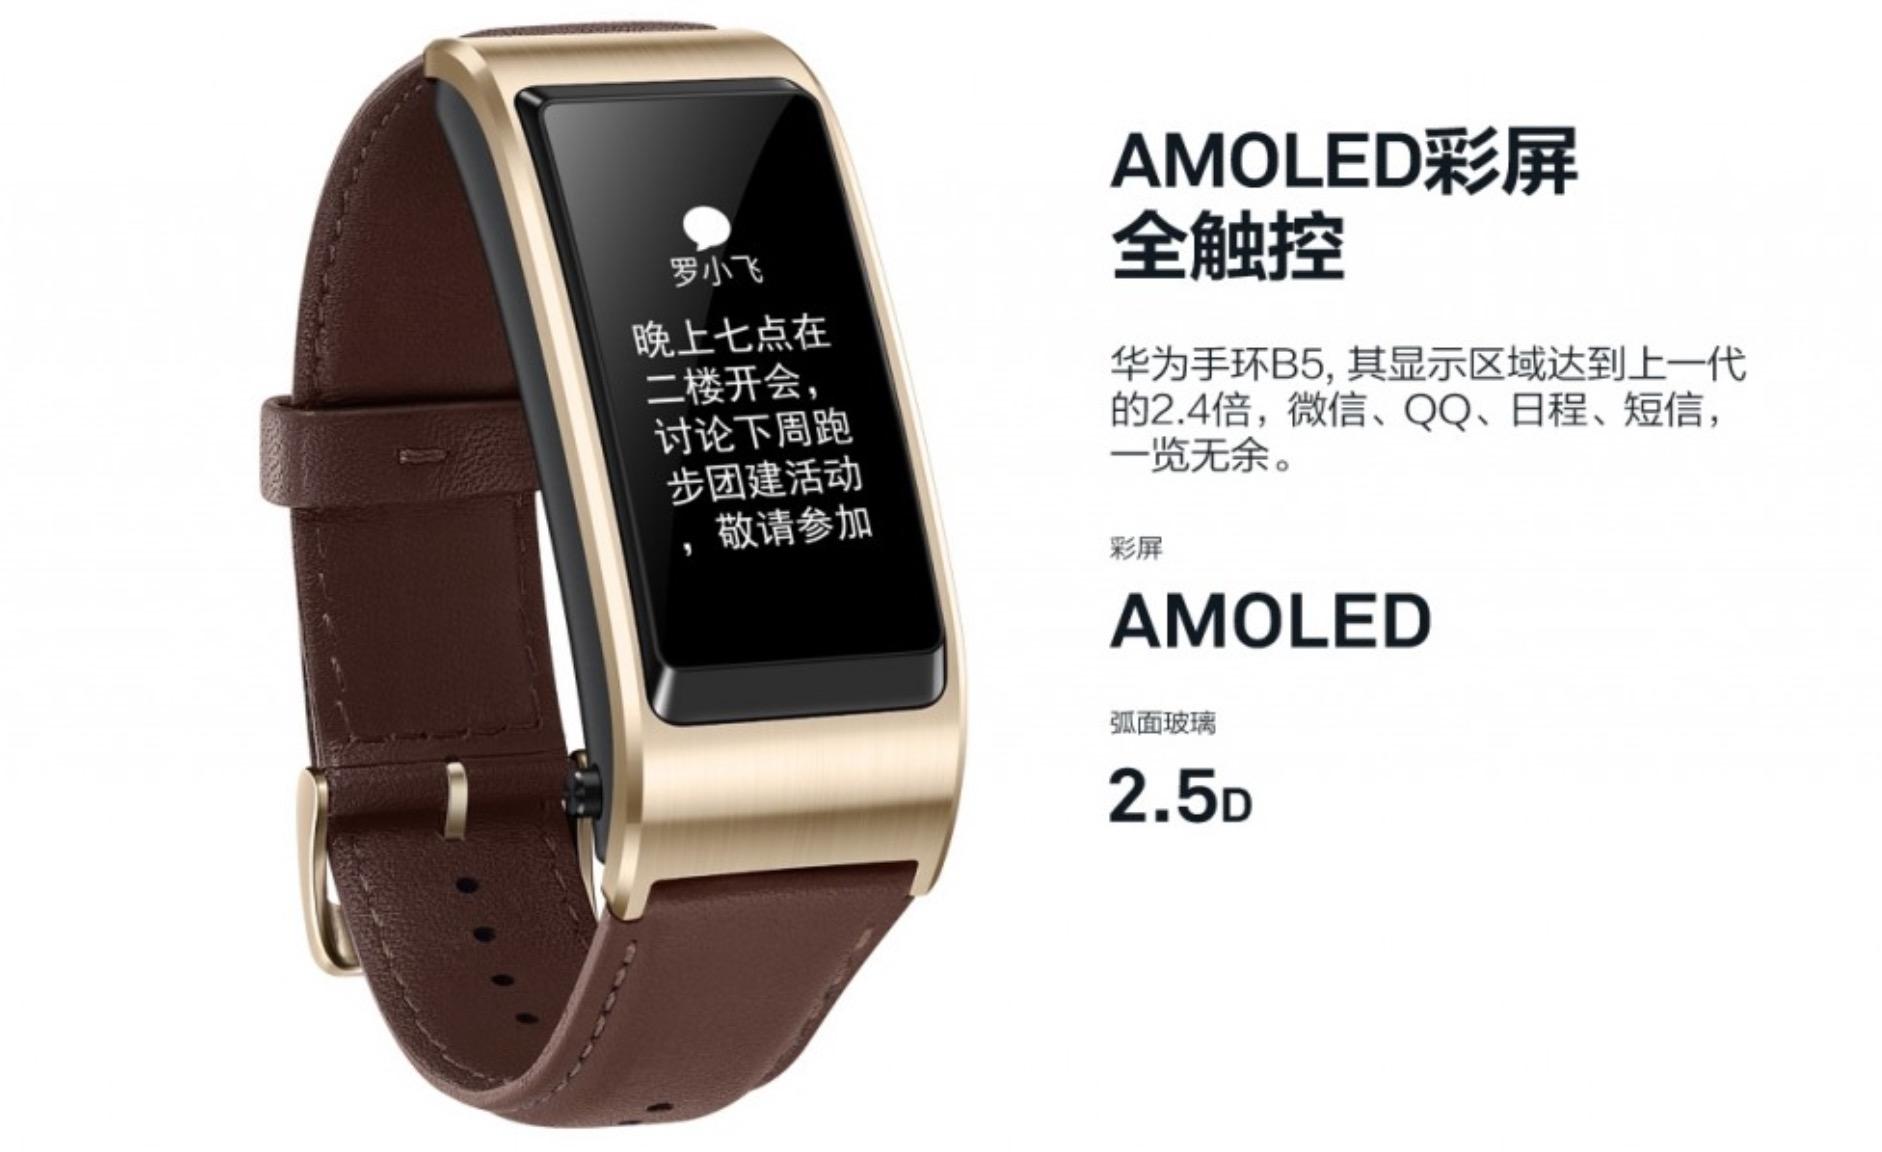 Huawei ra mắt vòng tay TalkBand B5: Màn hình AMOLED, có thể làm tai nghe không dây, giá từ 3.5 triệu